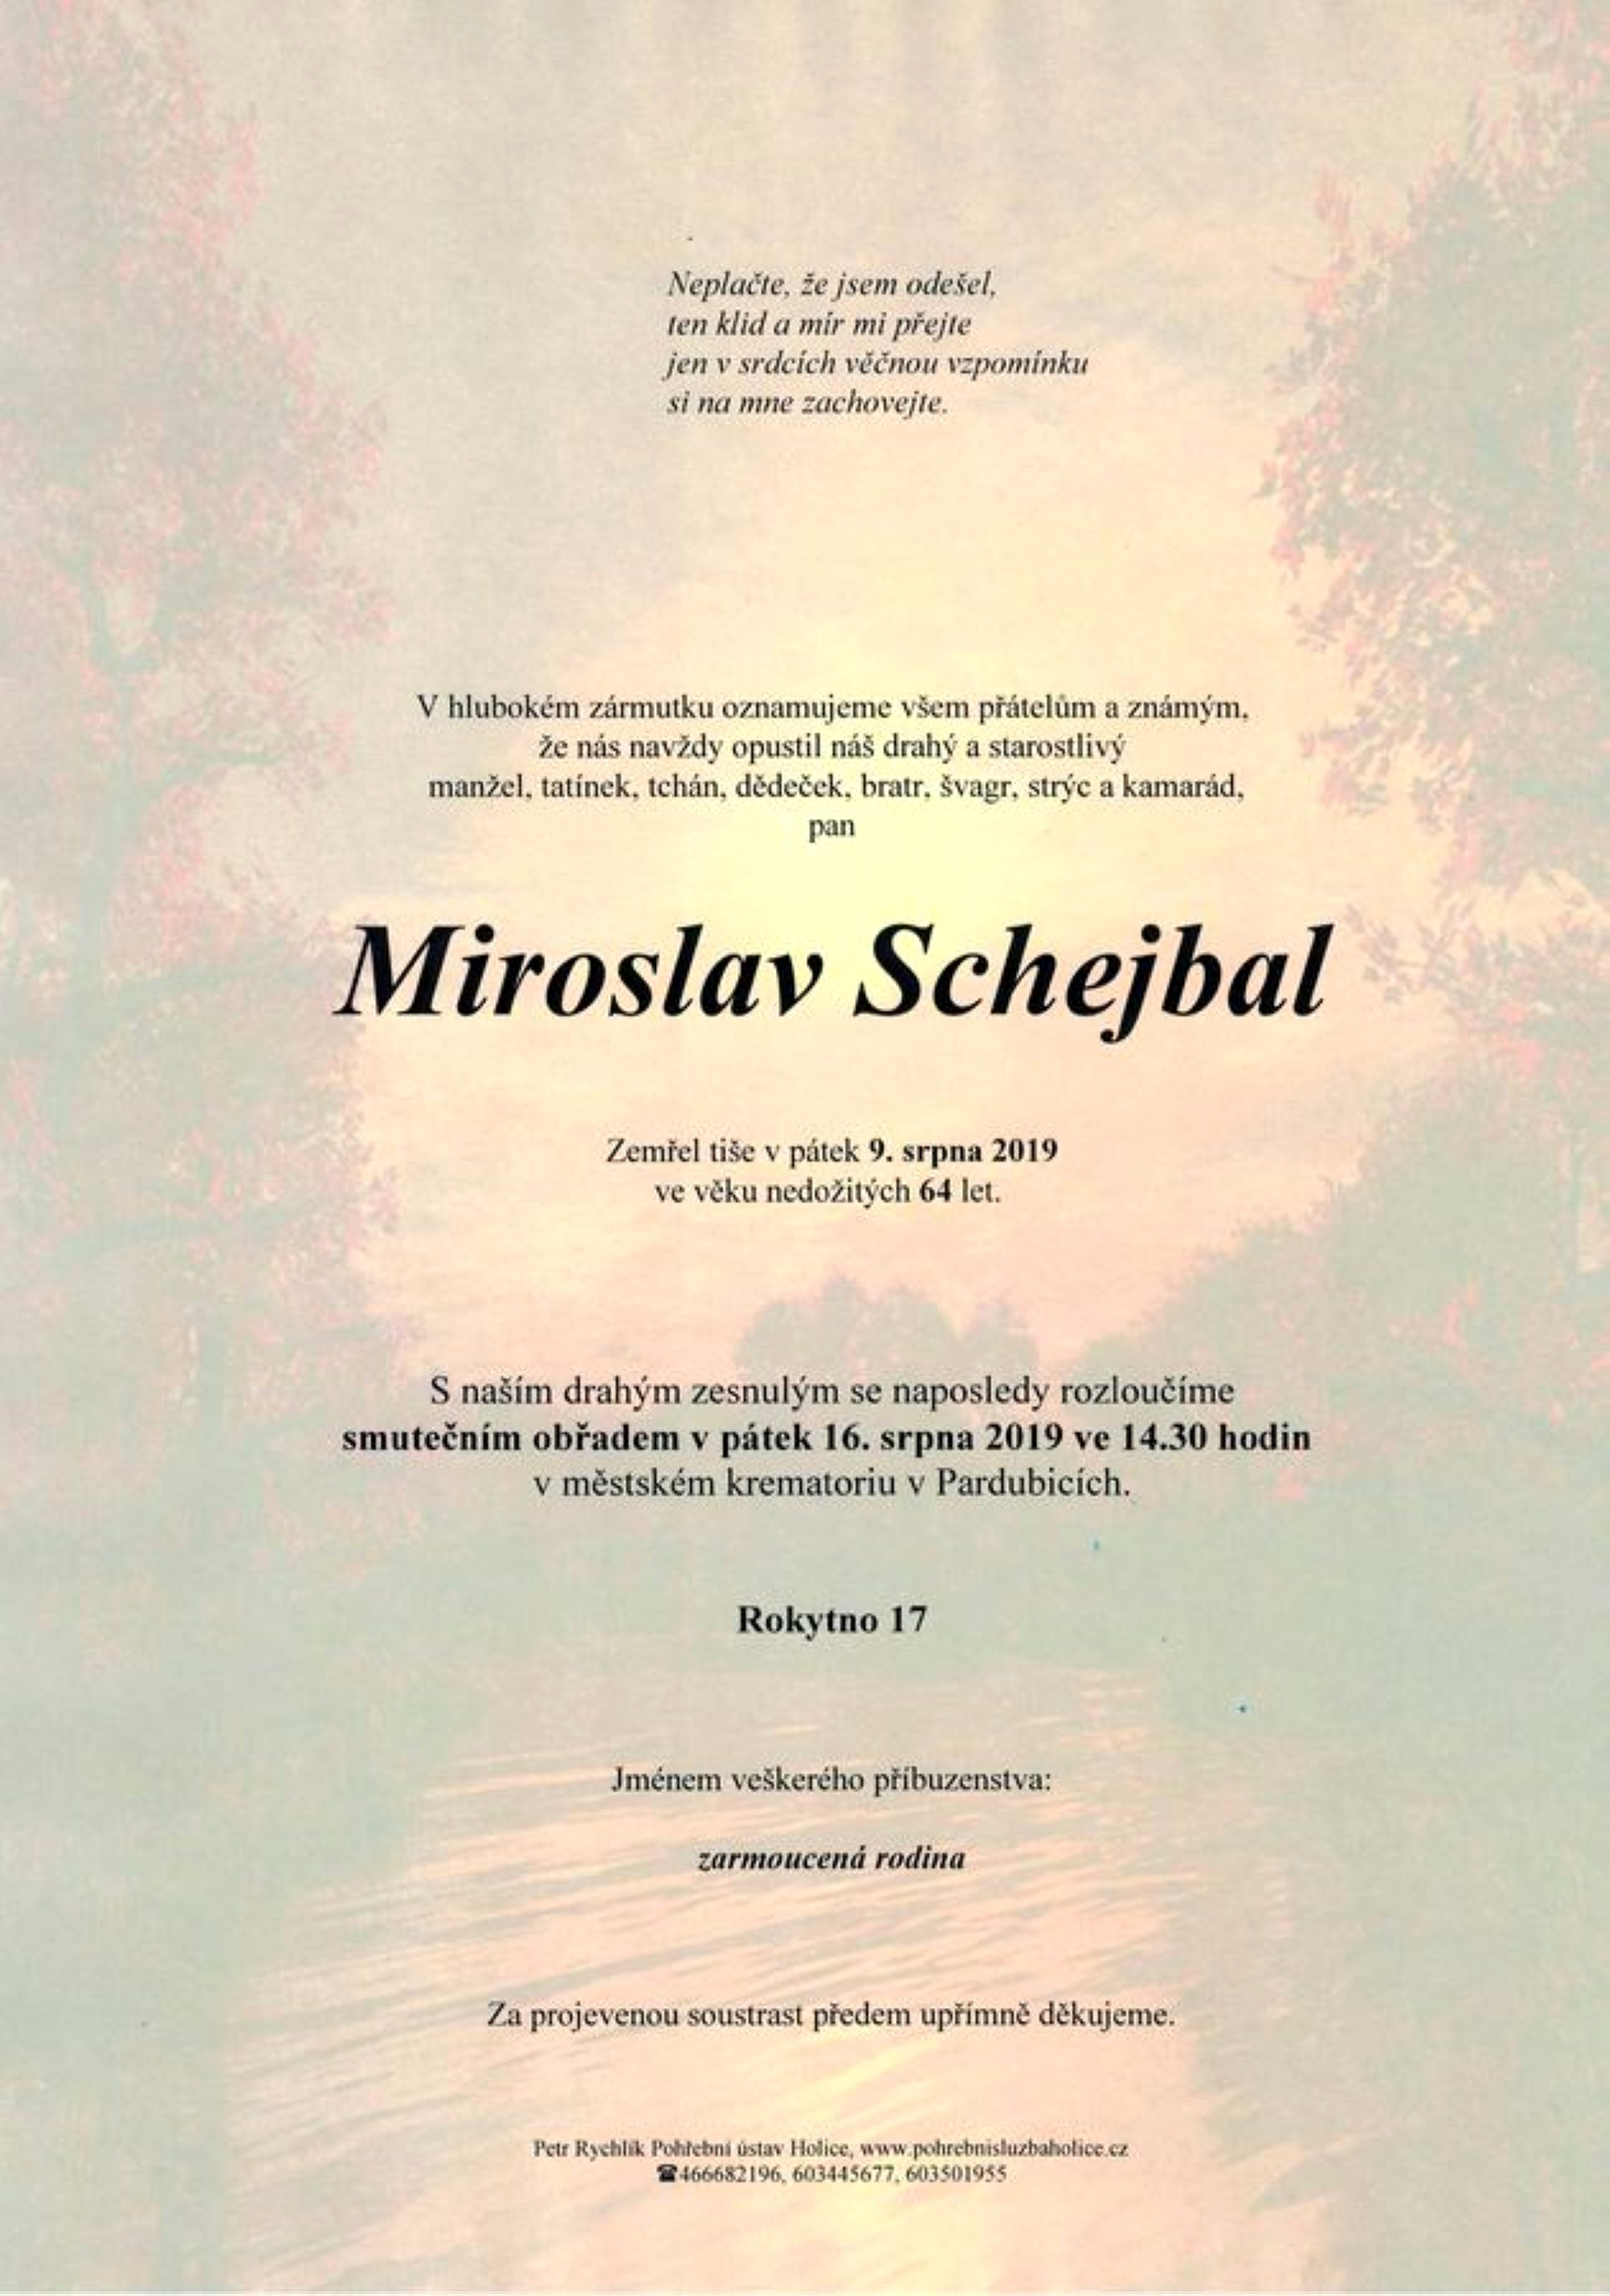 Miroslav Schejbal